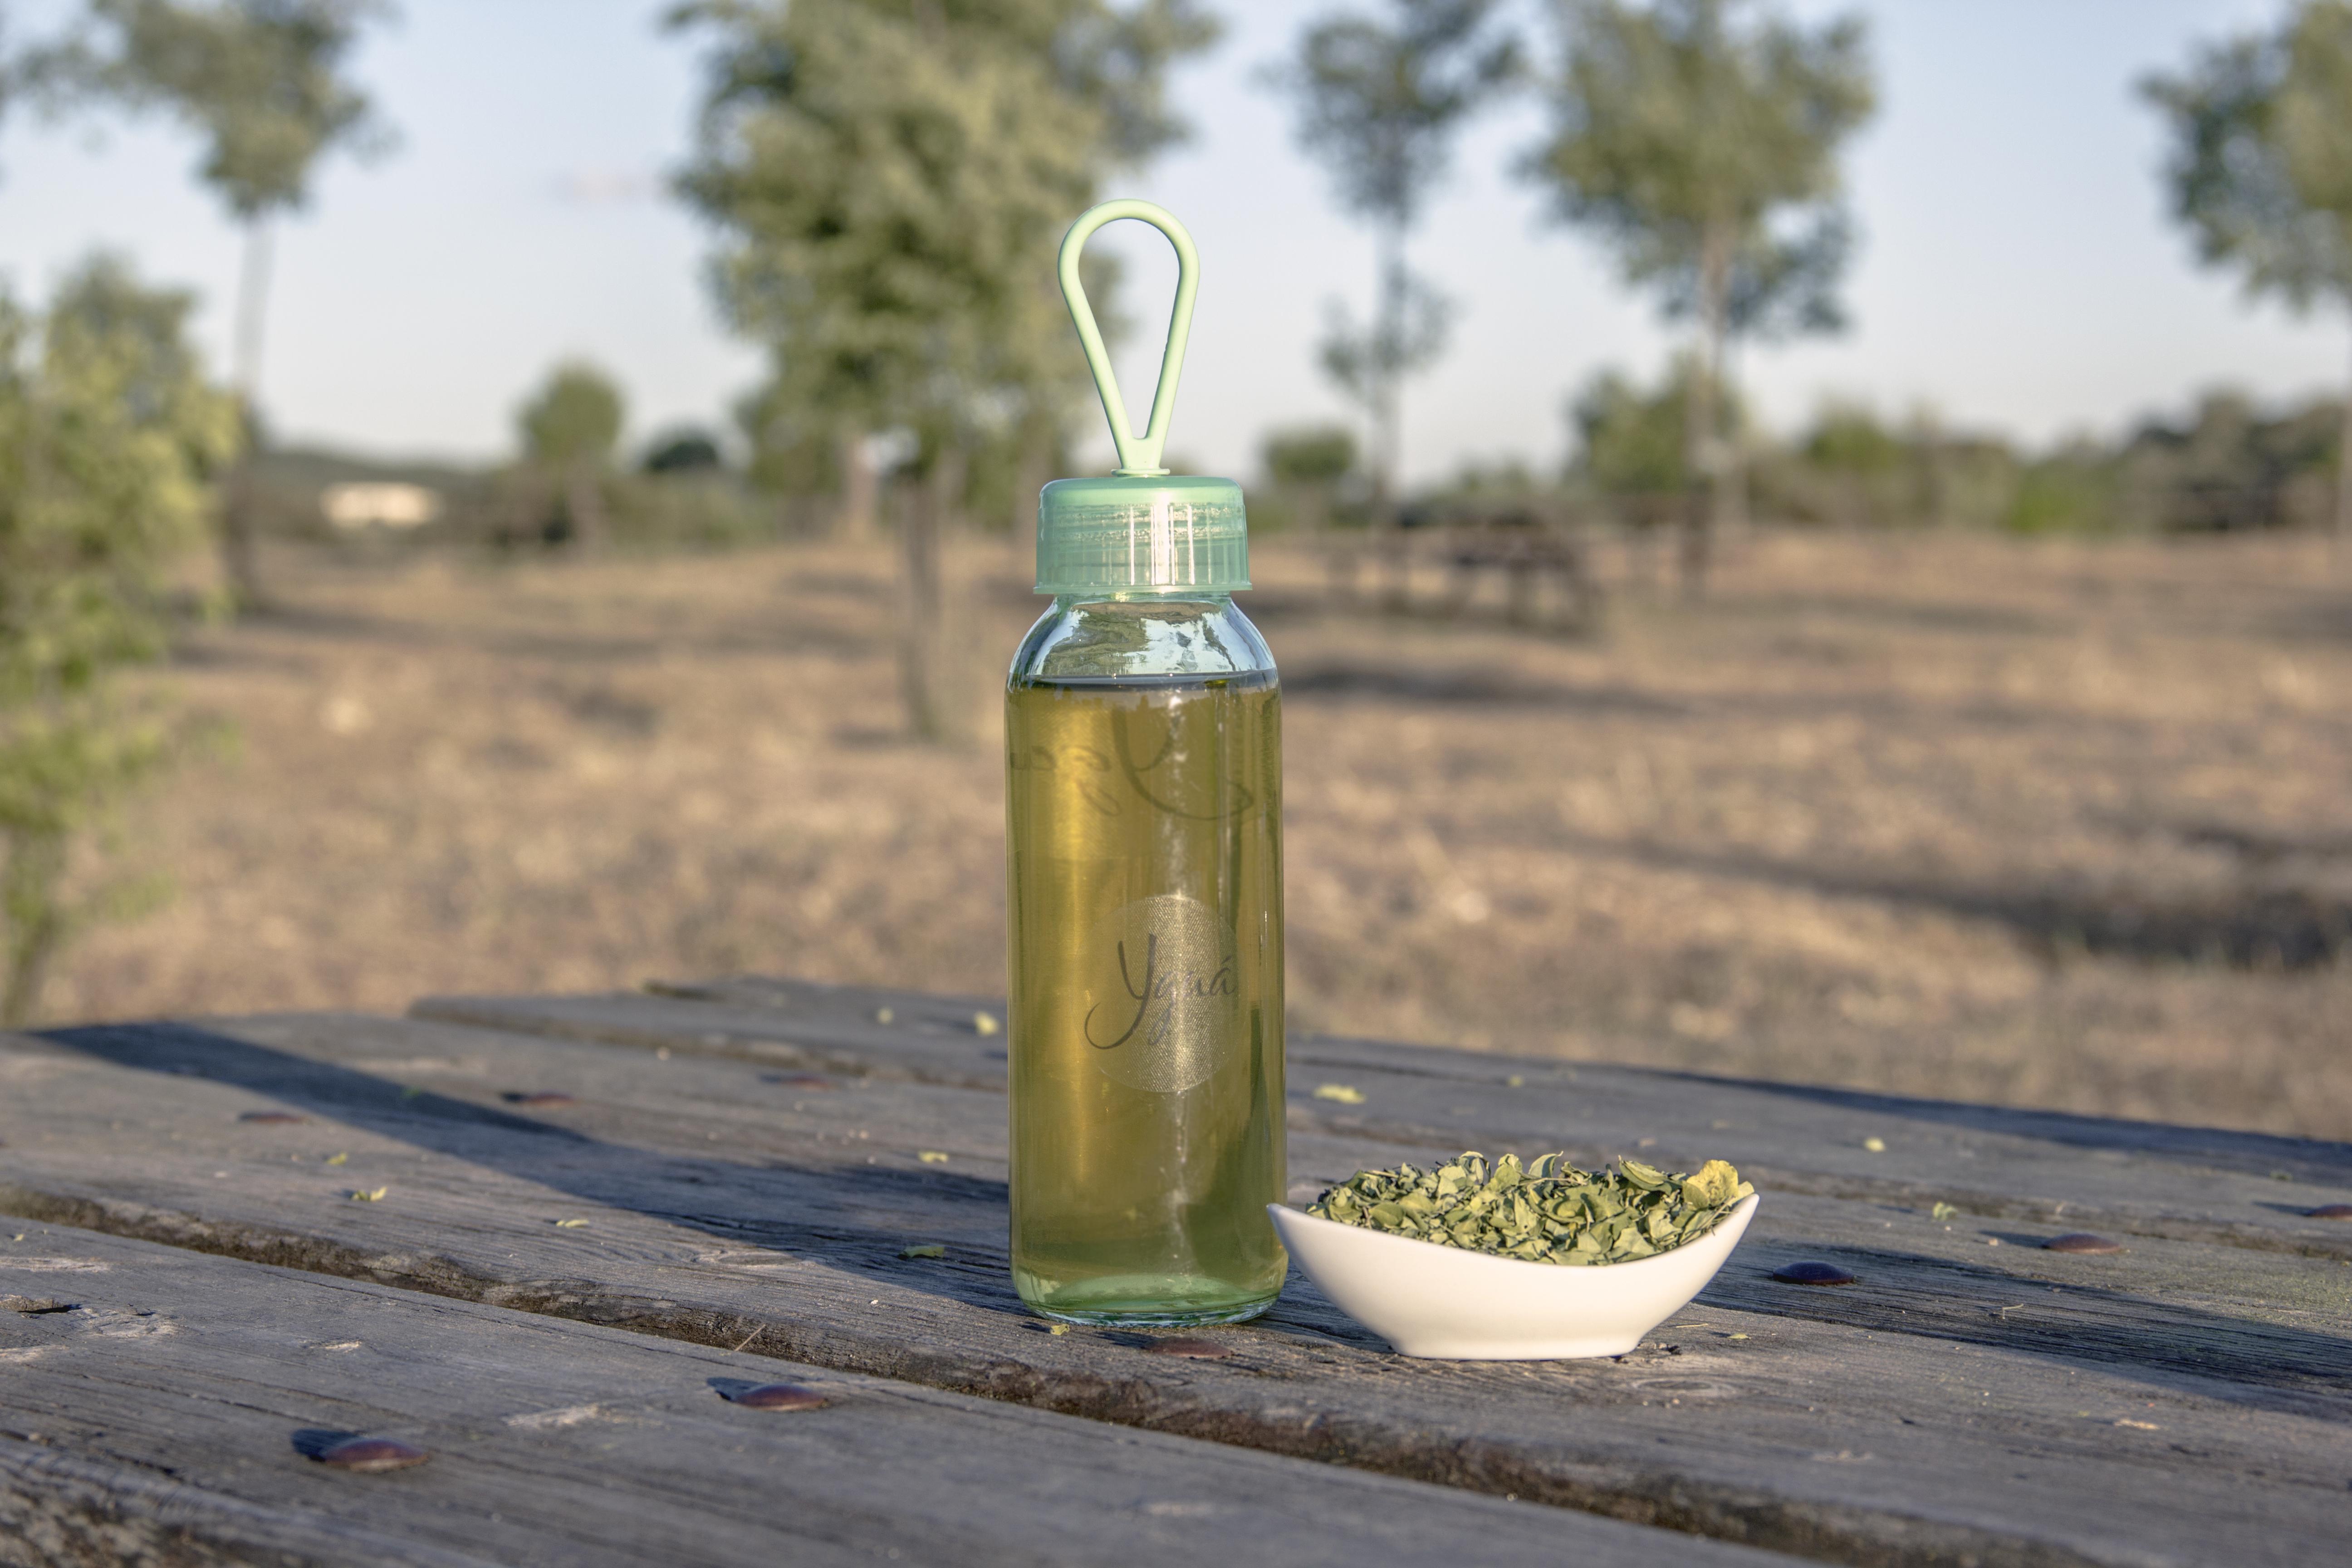 Macerar en frío la Moringa es una forma de mantener todos sus micronutrientes, algunos de los cuales pueden ser sensibles al calor.